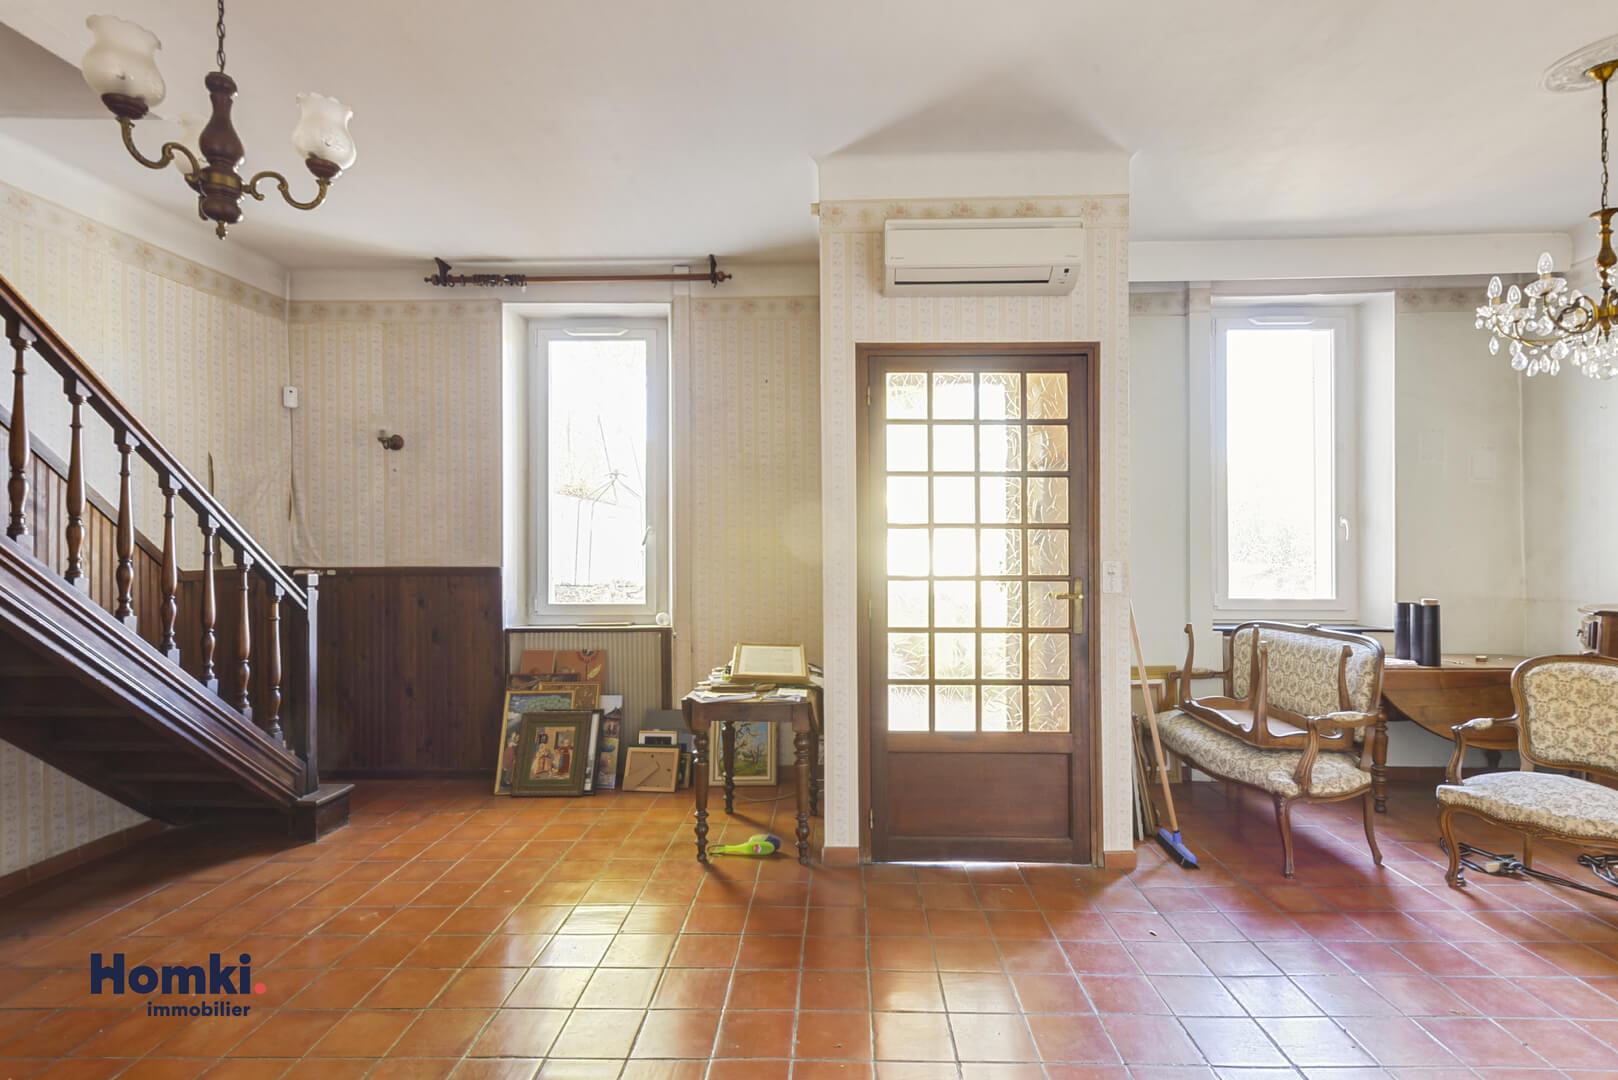 Vente Maison 100 m² T5 13012 Marseille_3